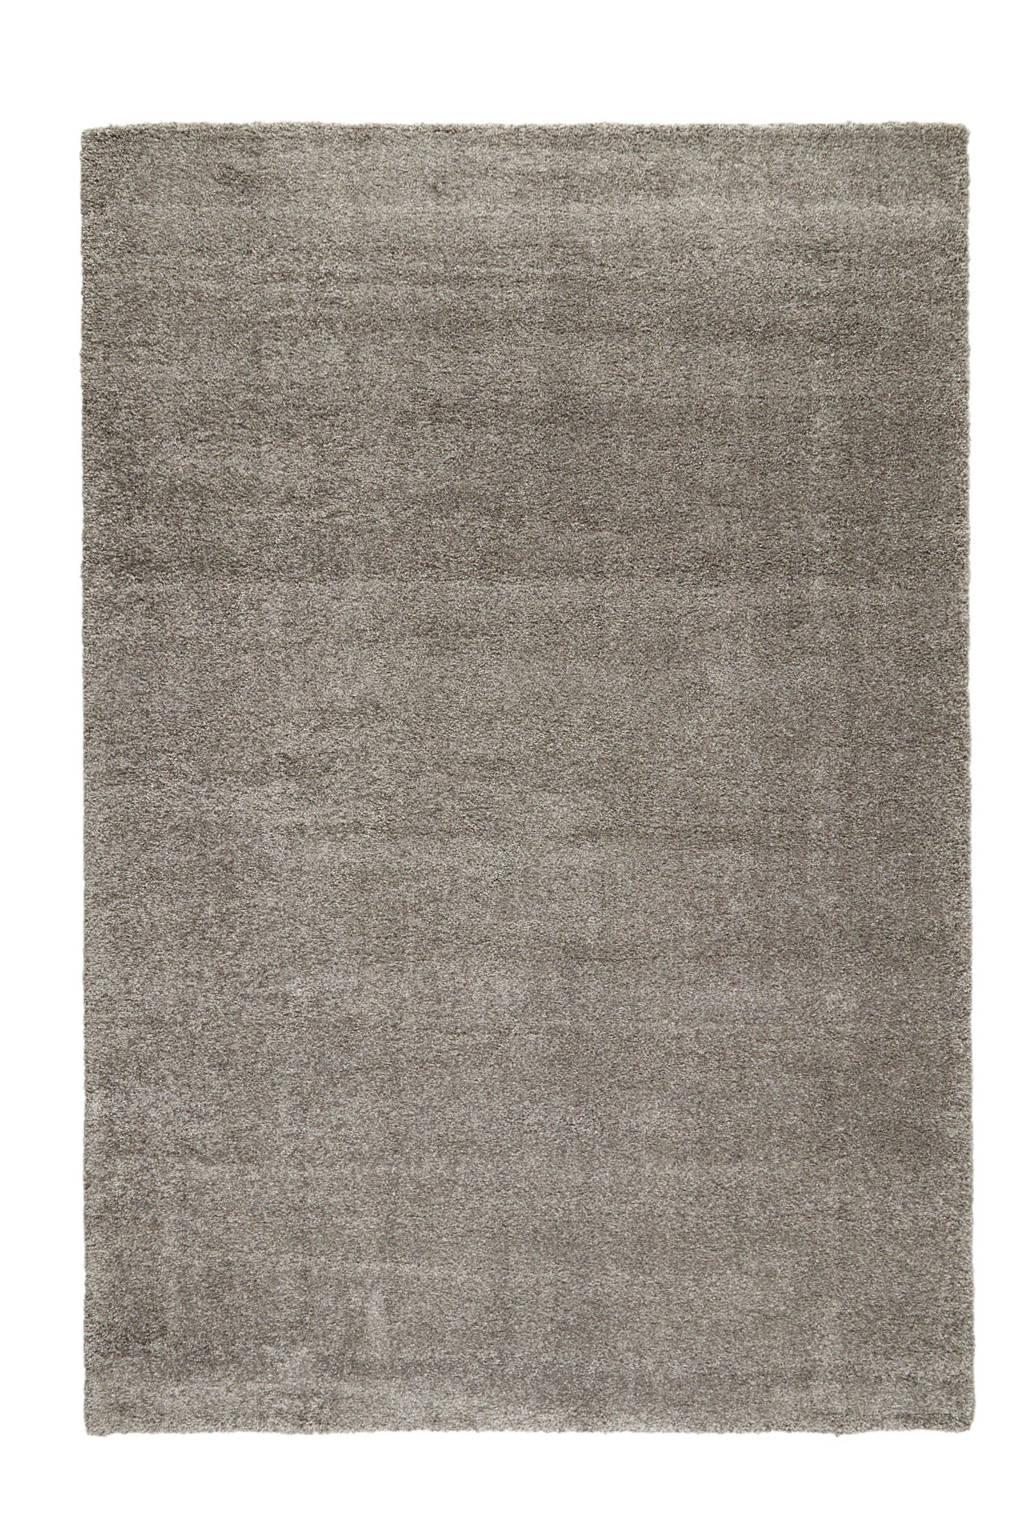 whkmp's own Vloerkleed  (290x200 cm), Grijs